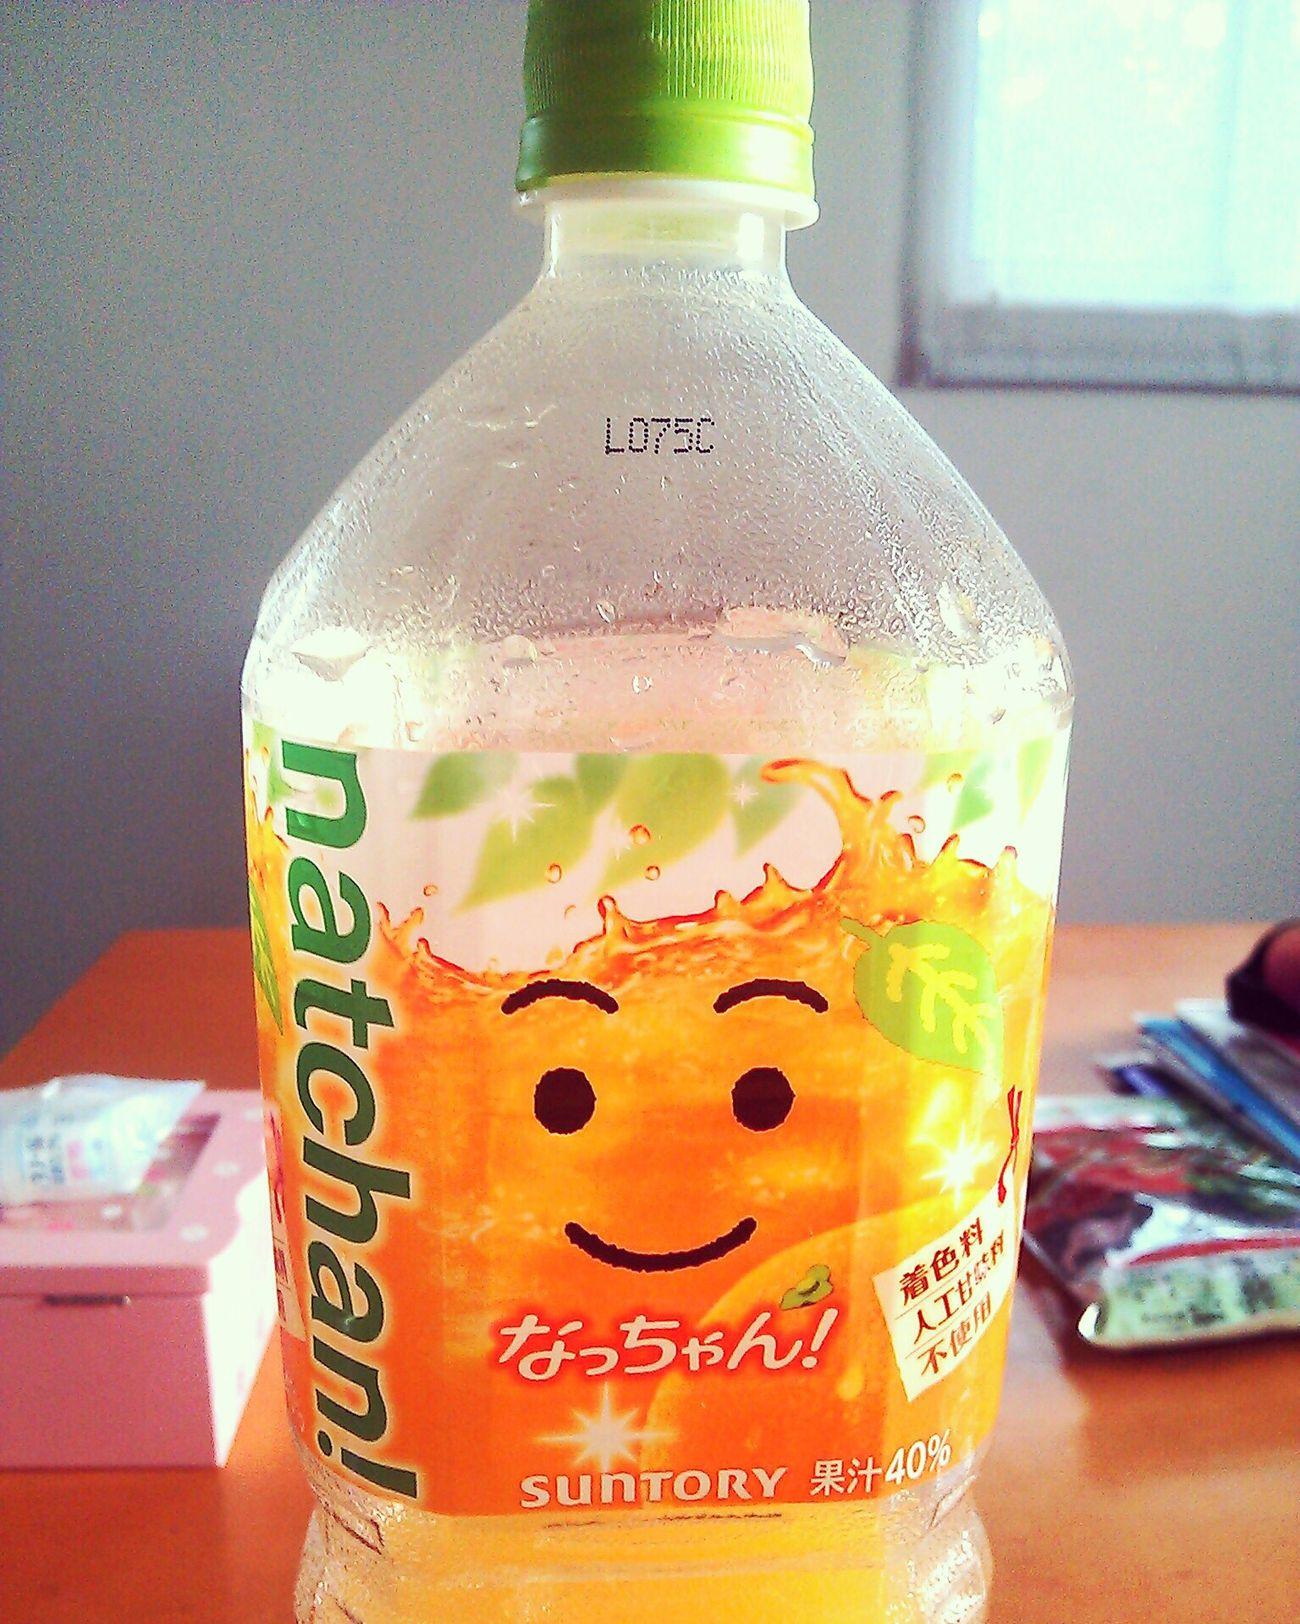 もう夏かなー? なっちゃん オレンジ ジュース オレンジジュース 大好き First Eyeem Photo